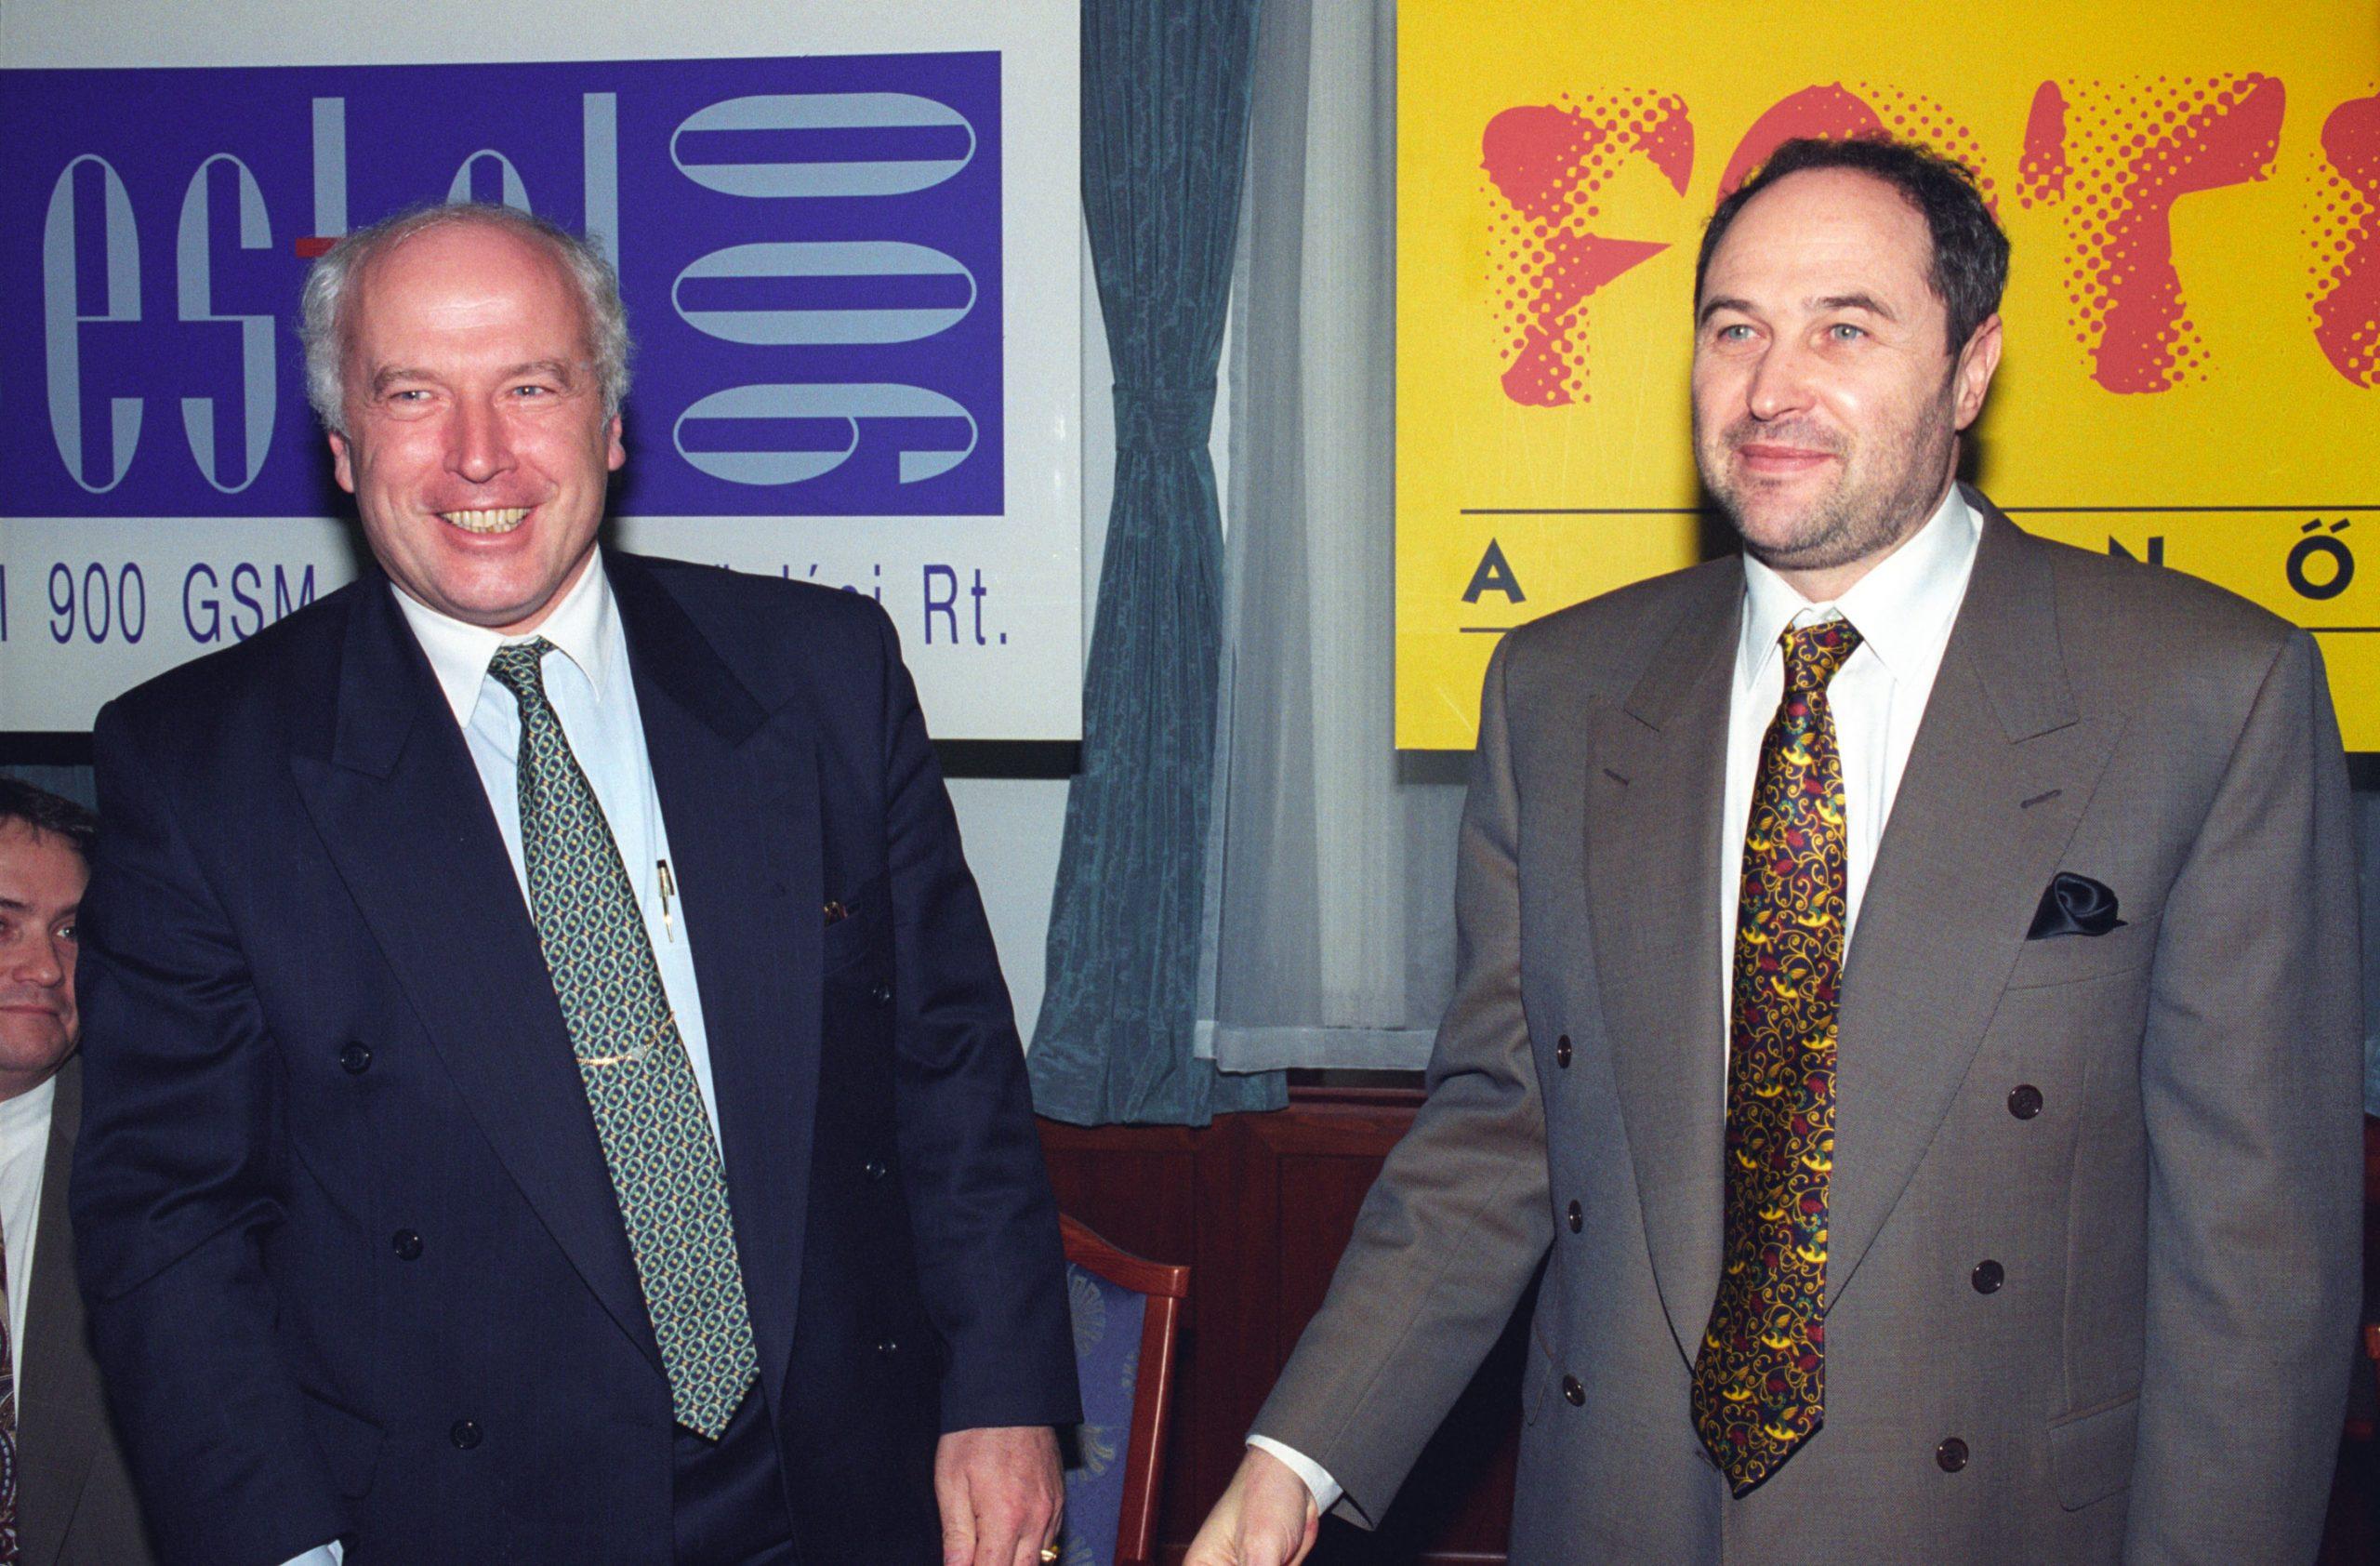 Sugár András, a Westel 900 GSM vezérigazgatója és Várszegi Gábor a Fotex elnök vezérigazgatója, egy sajtótájékoztatón. / Fotó: MTI